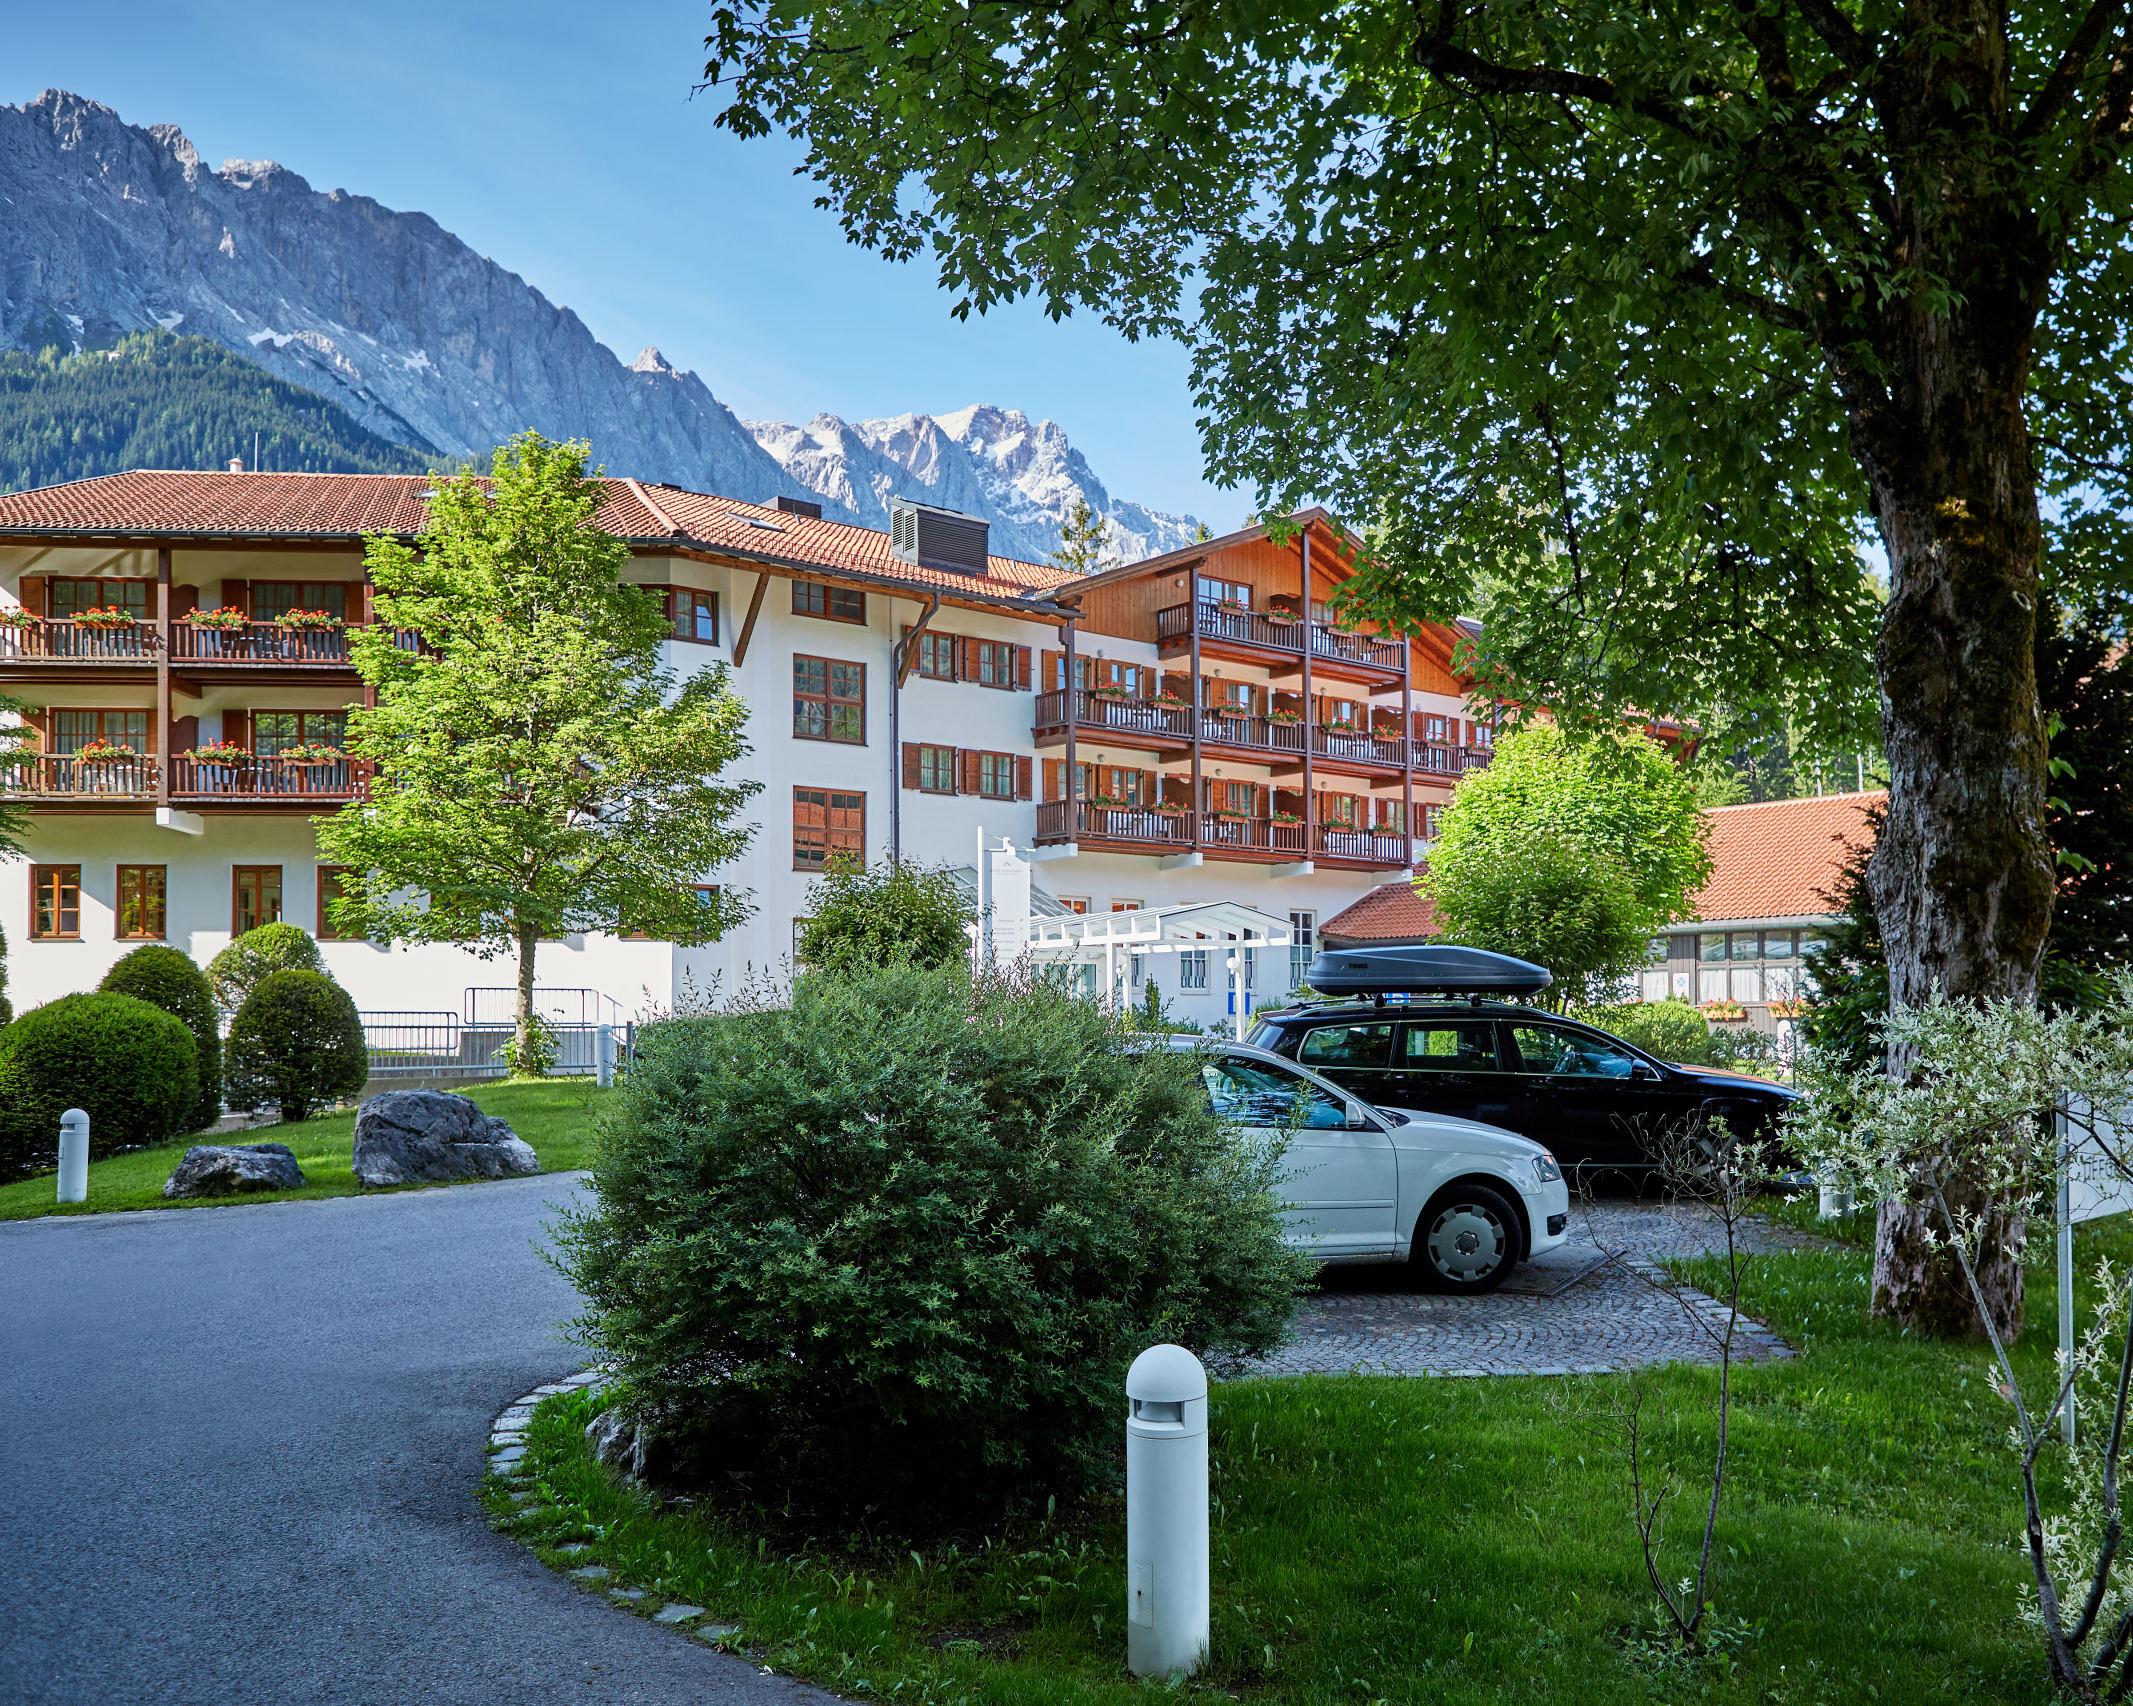 Abb. zu Artikel Hotel am Badersee – Ihre Wahl für gelungene Veranstaltungen